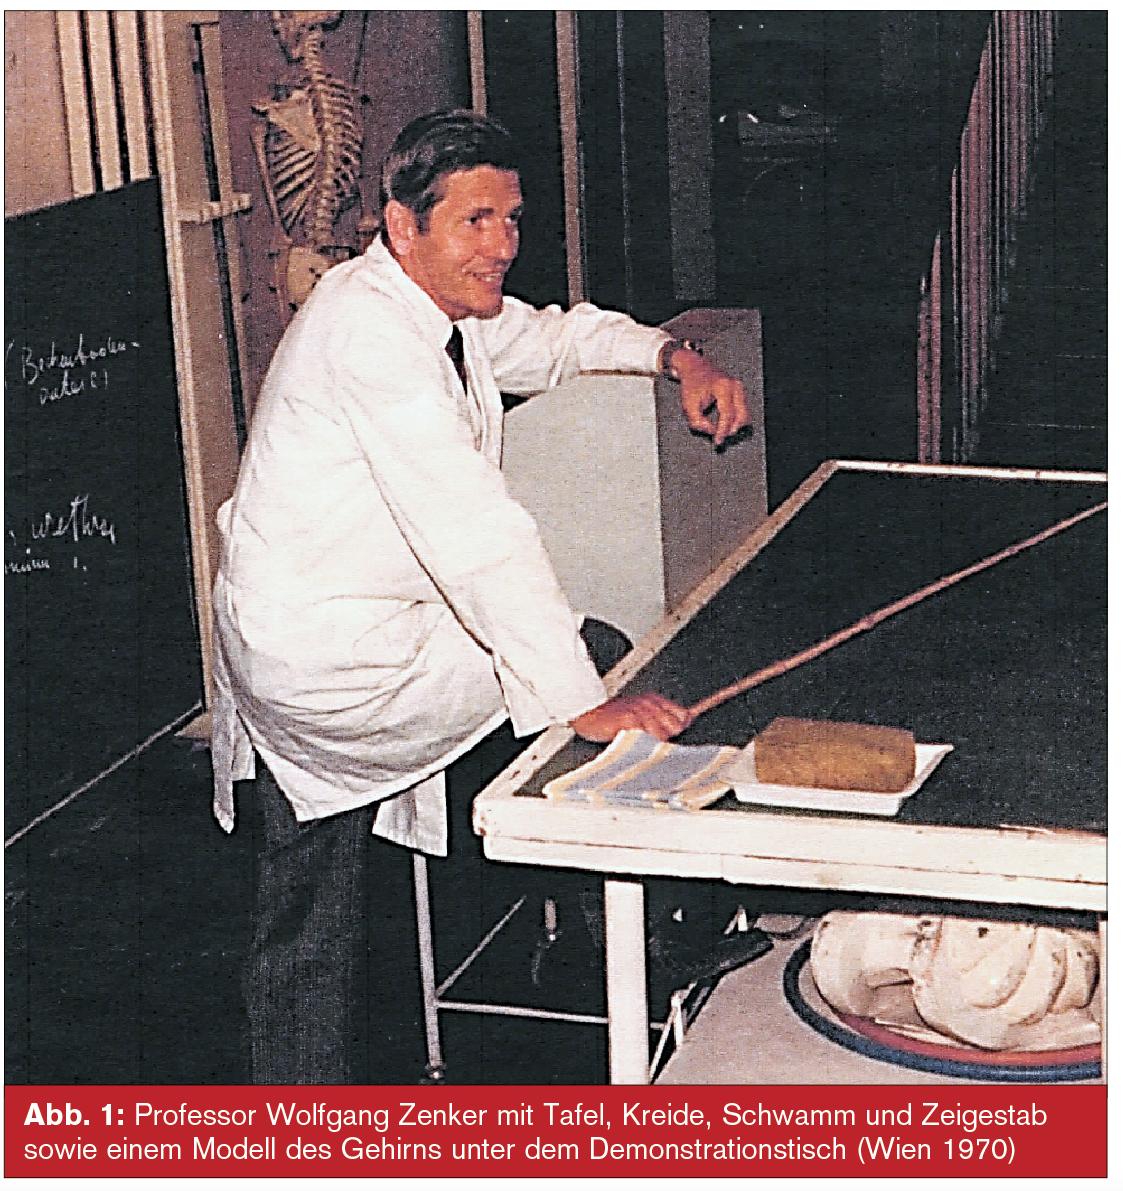 Zum 90. Geburtstag: Wolfgang Zenker, Lehrer der klassischen Anatomie ...